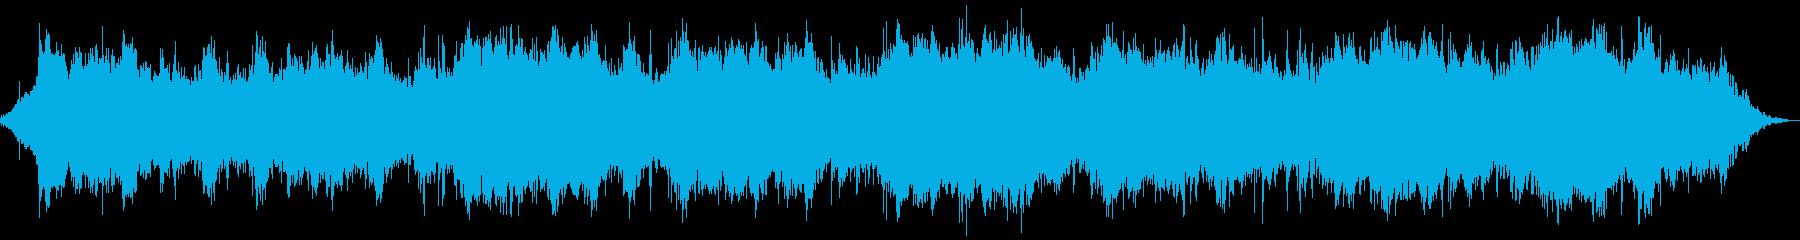 水の音が何とも神秘的なヒーリング音楽の再生済みの波形